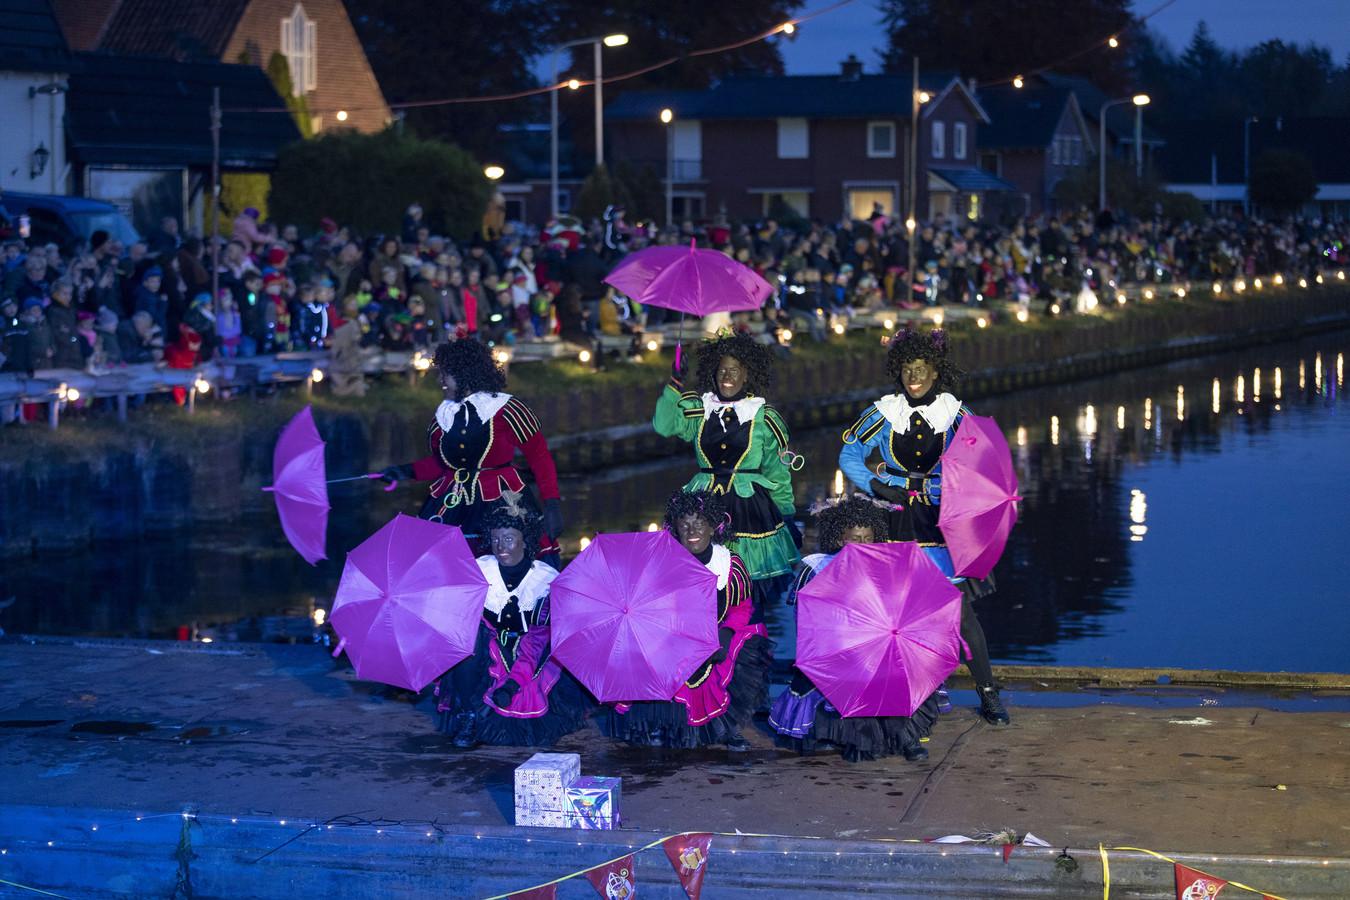 Pieten dansen op een ponton in het water, in afwachting van de pakjesboot van Sinterklaas.